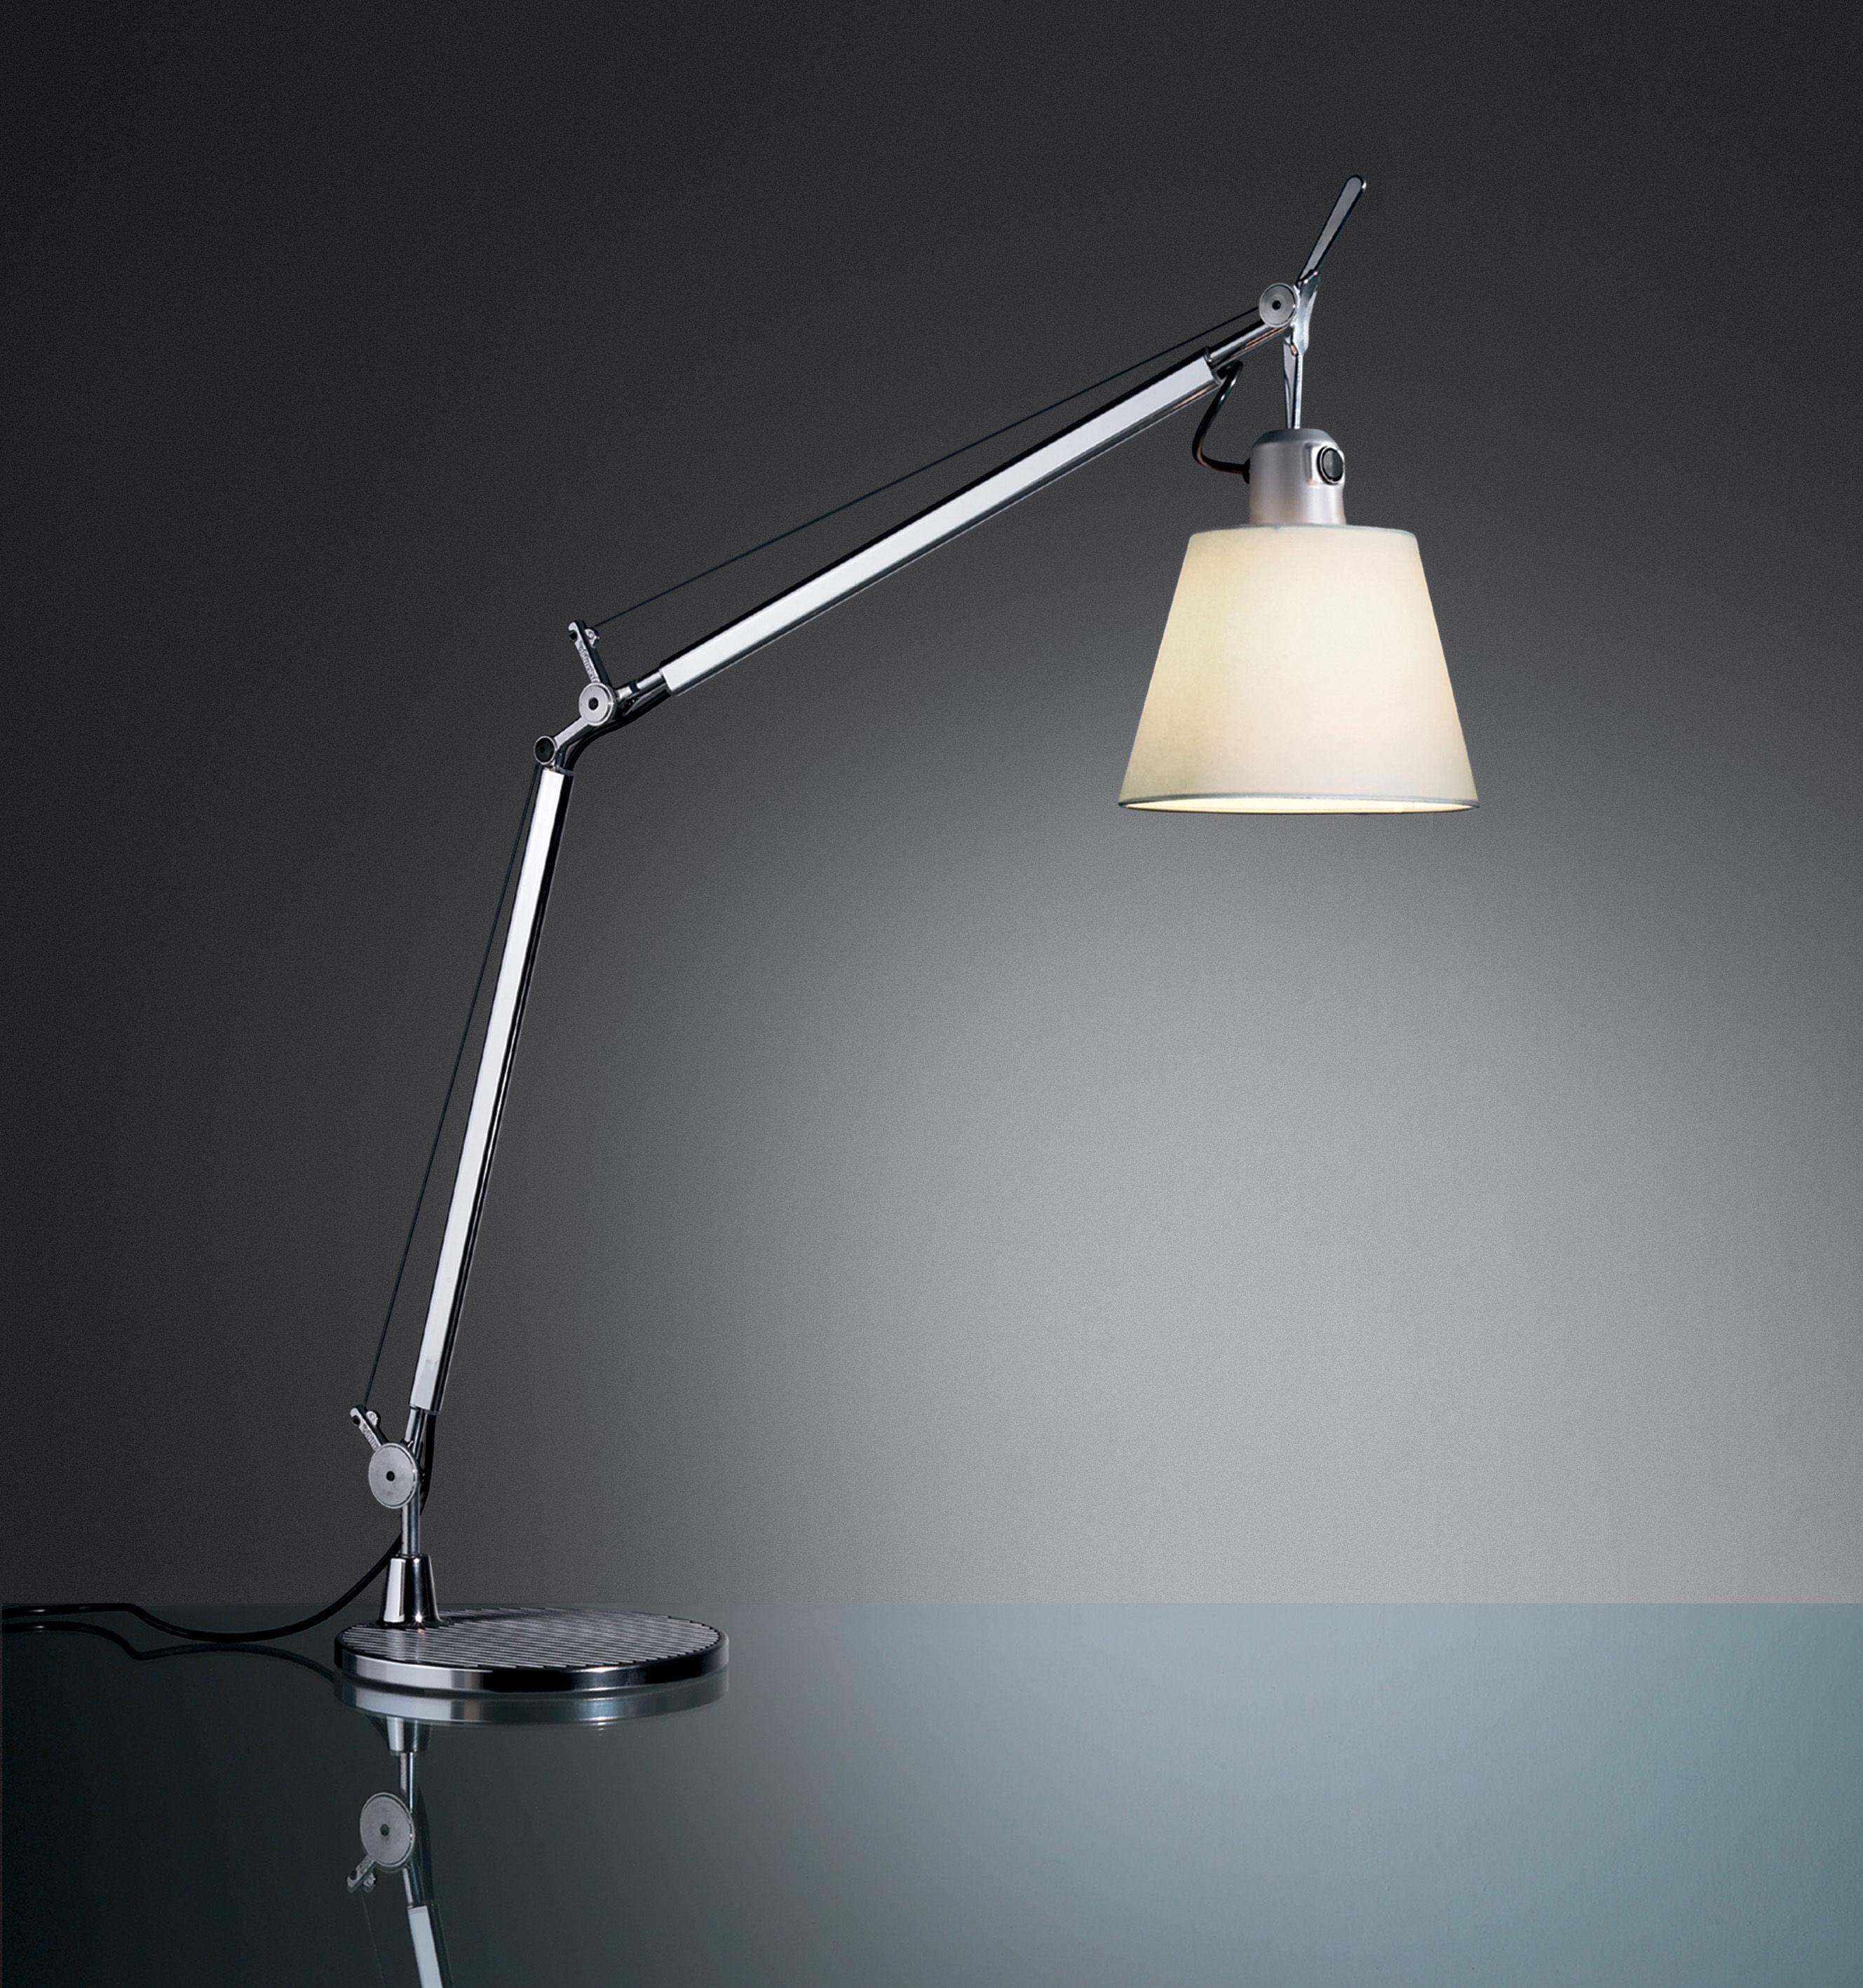 Lampada da tavolo tolomeo basculante artemide alluminio carta pergamena h 13 5 x 18 - Lampada da tavolo tolomeo ...